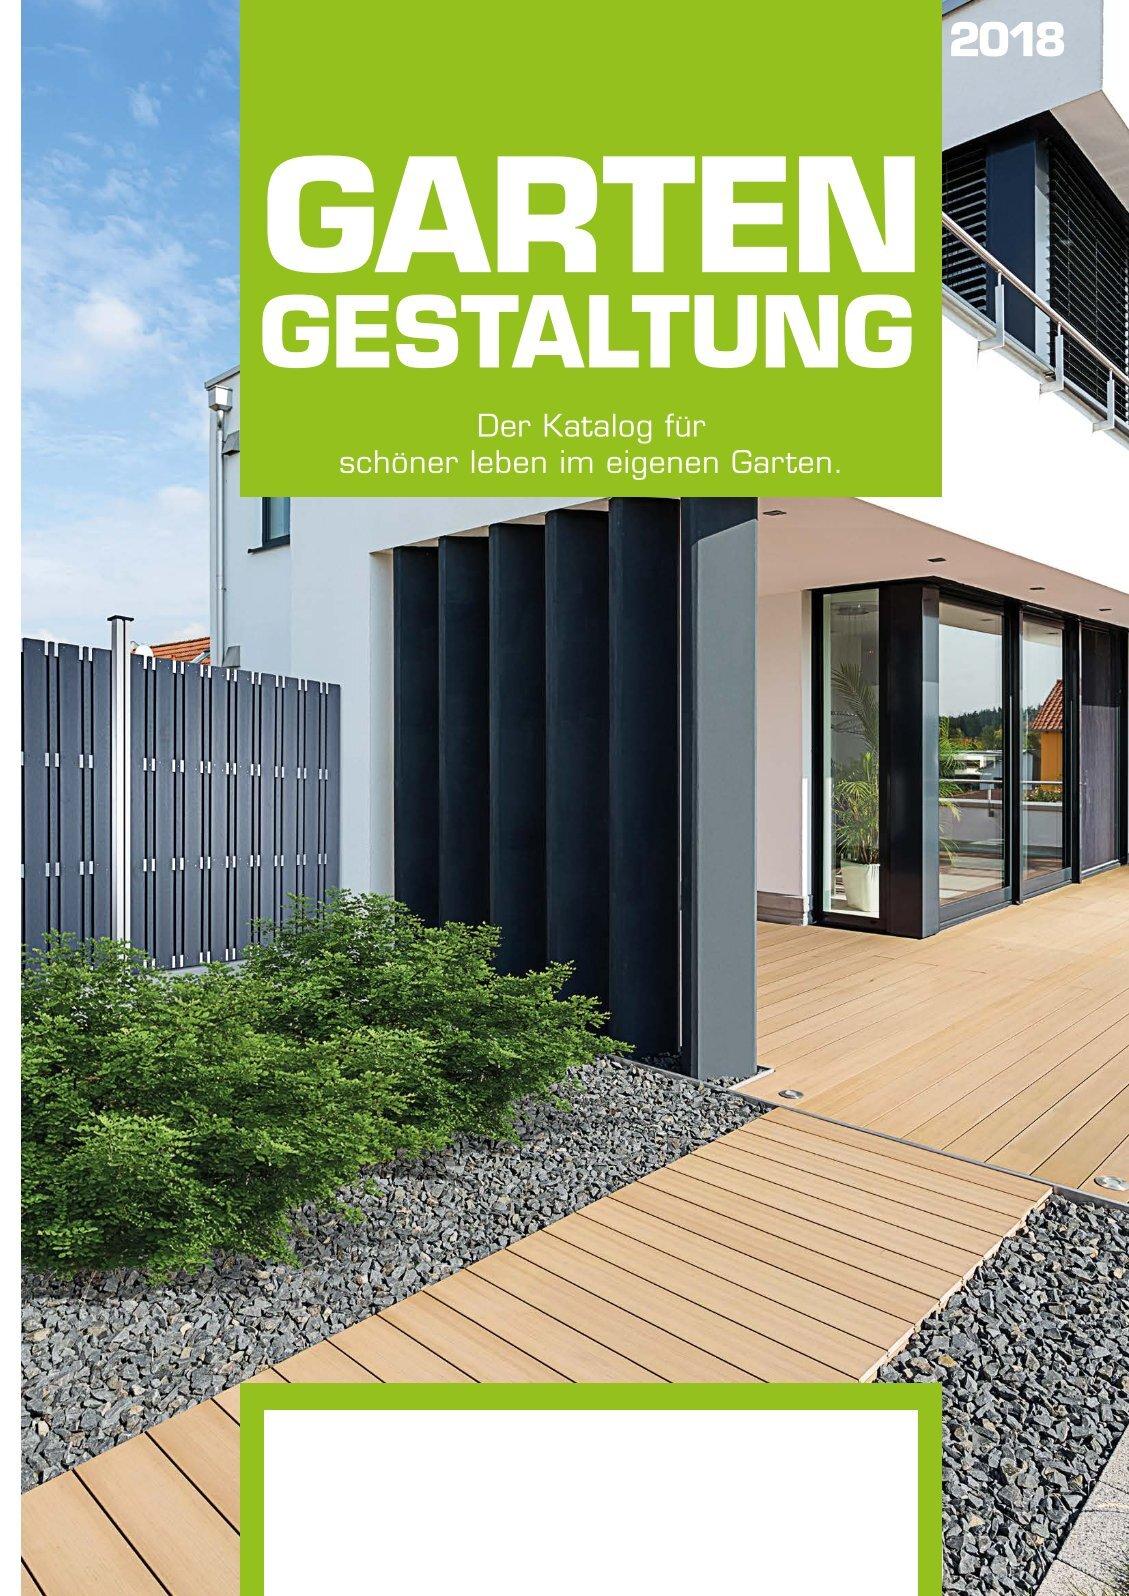 Garten Terrasse Terrassendielen Holz Wpc Keramik